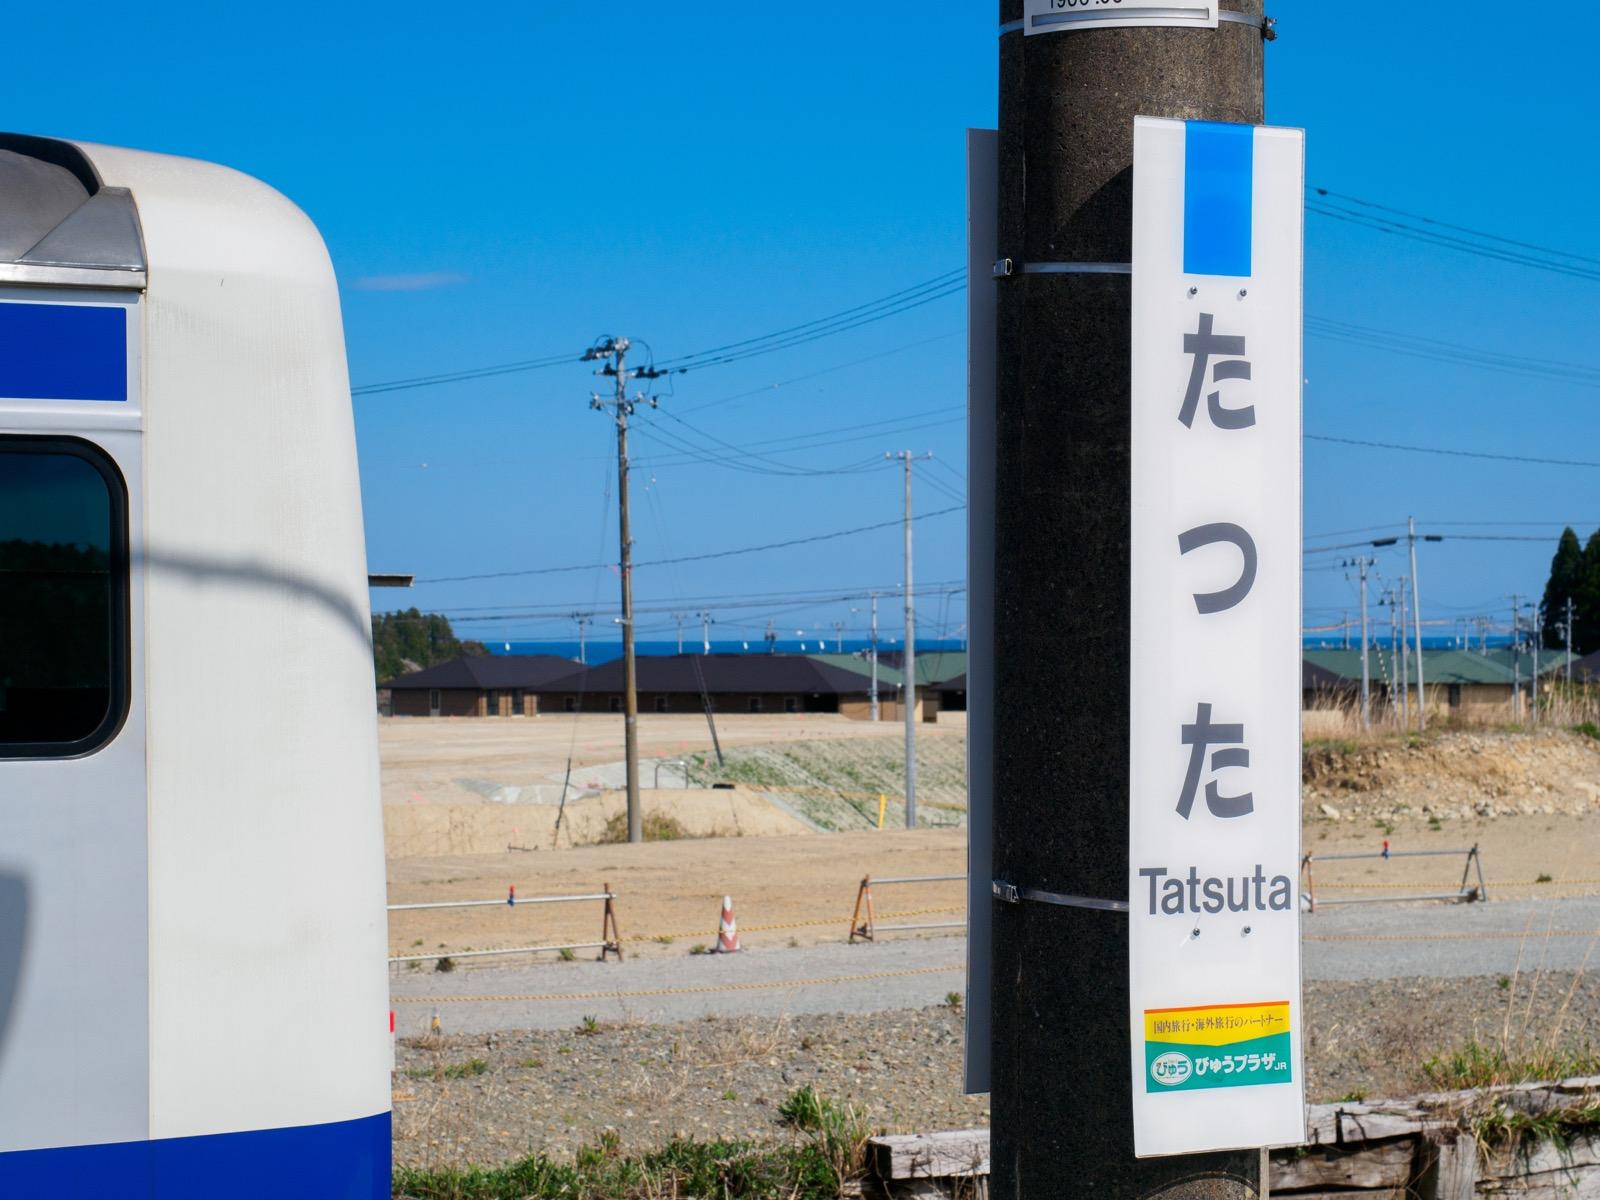 竜田駅のホームから見える太平洋(2017年4月)